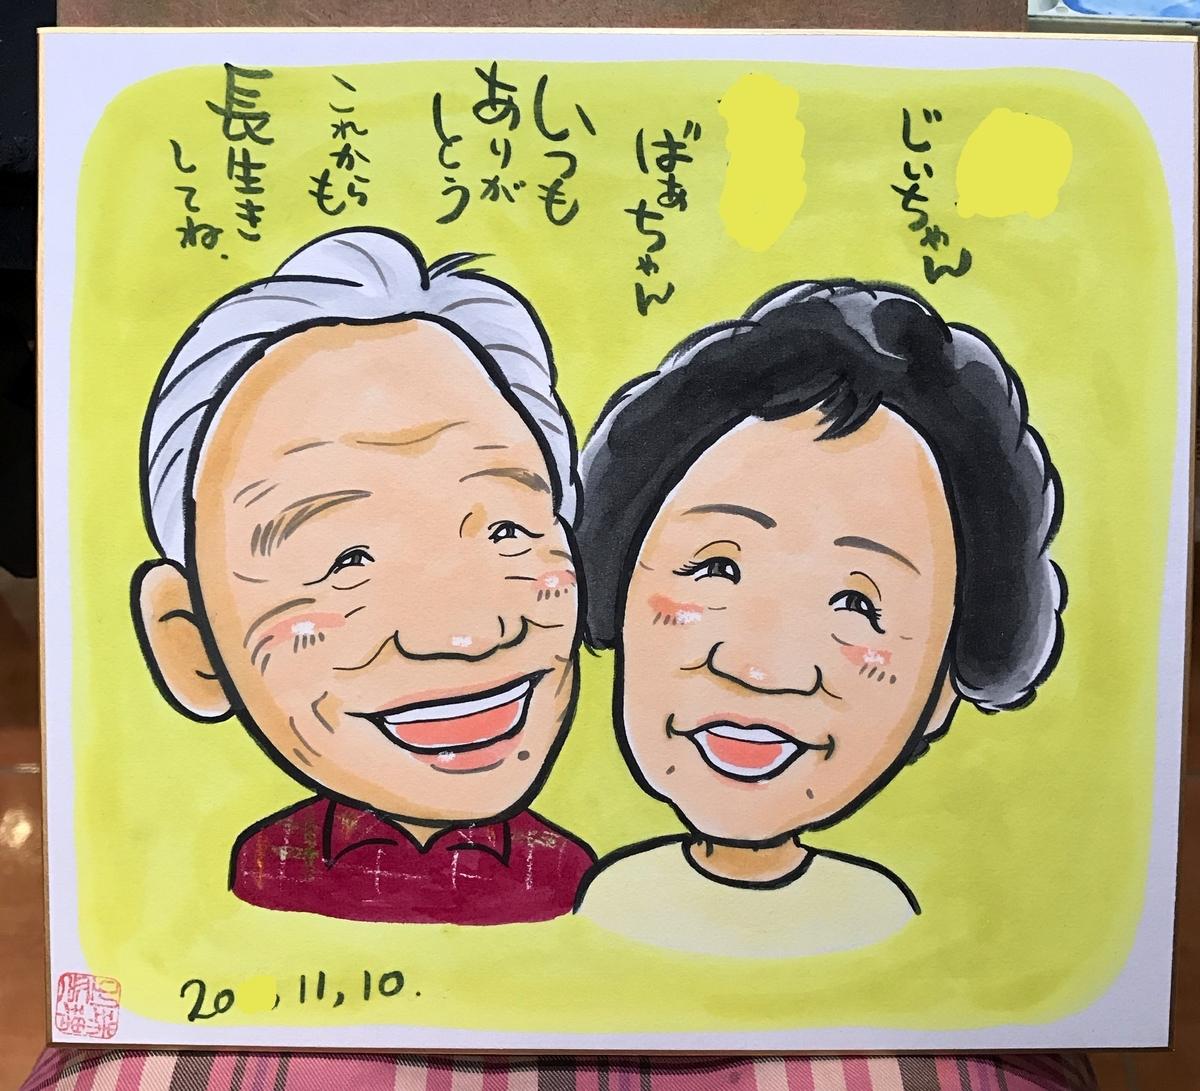 似顔絵 北海道札幌の似顔絵作家高井じゅり 似顔絵ファクトリー